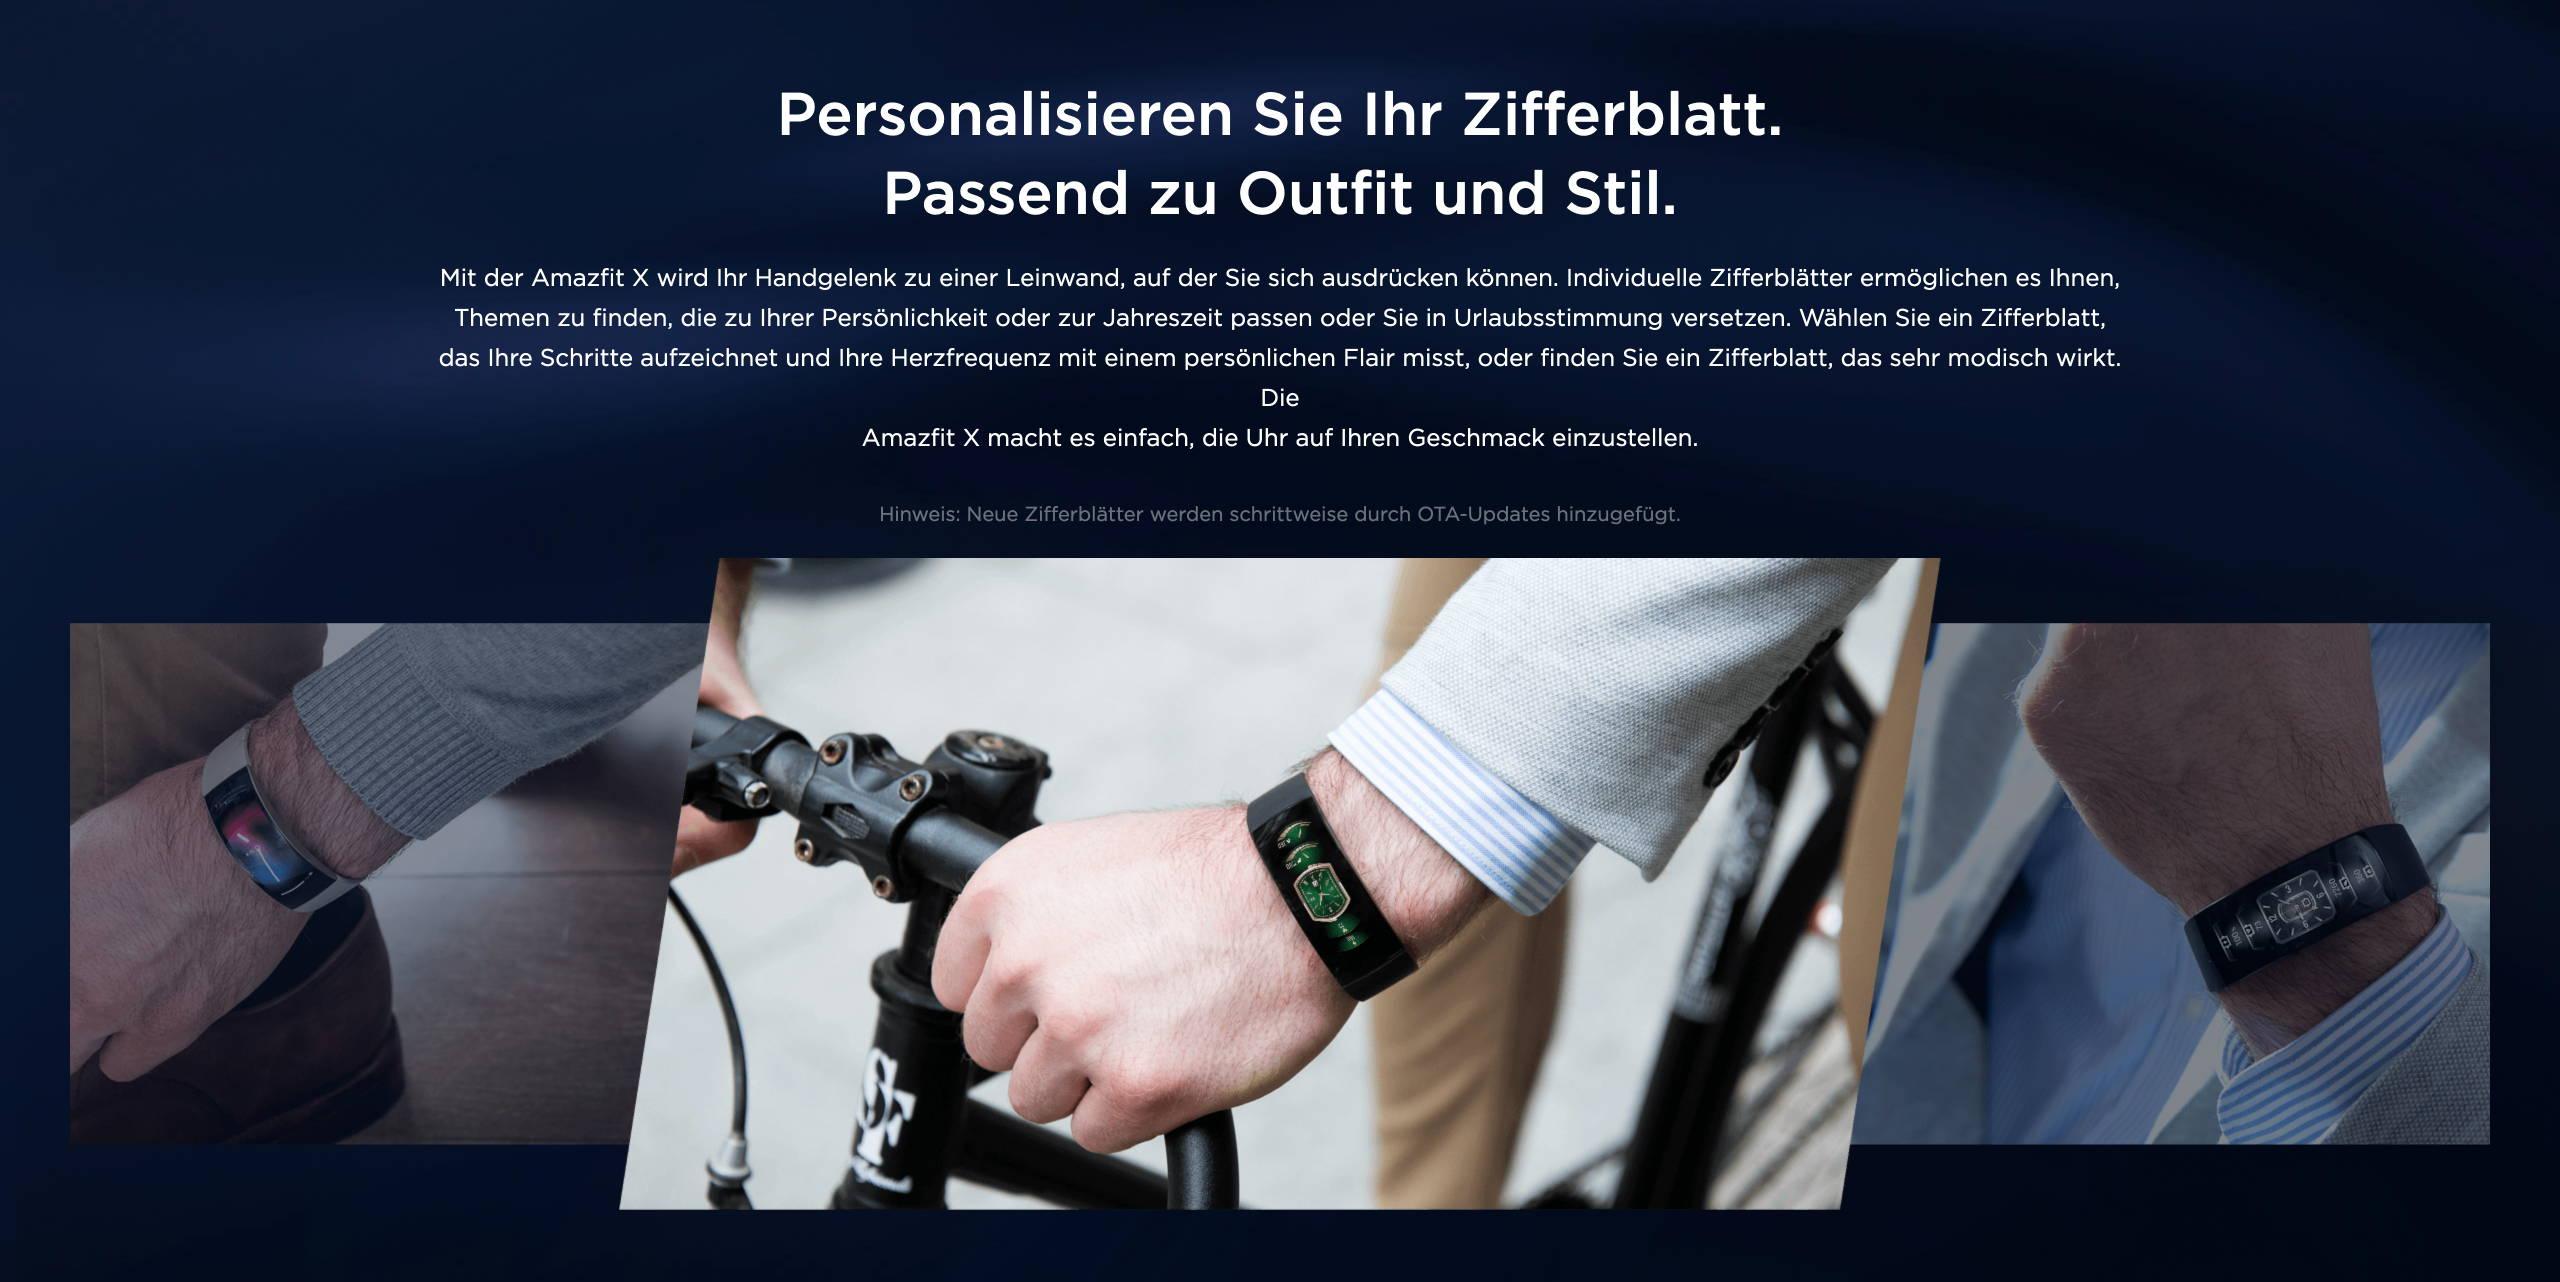 Amazfit X - Personalisieren Sie Ihr Zifferblatt. Passend zu Outfit und Stil.